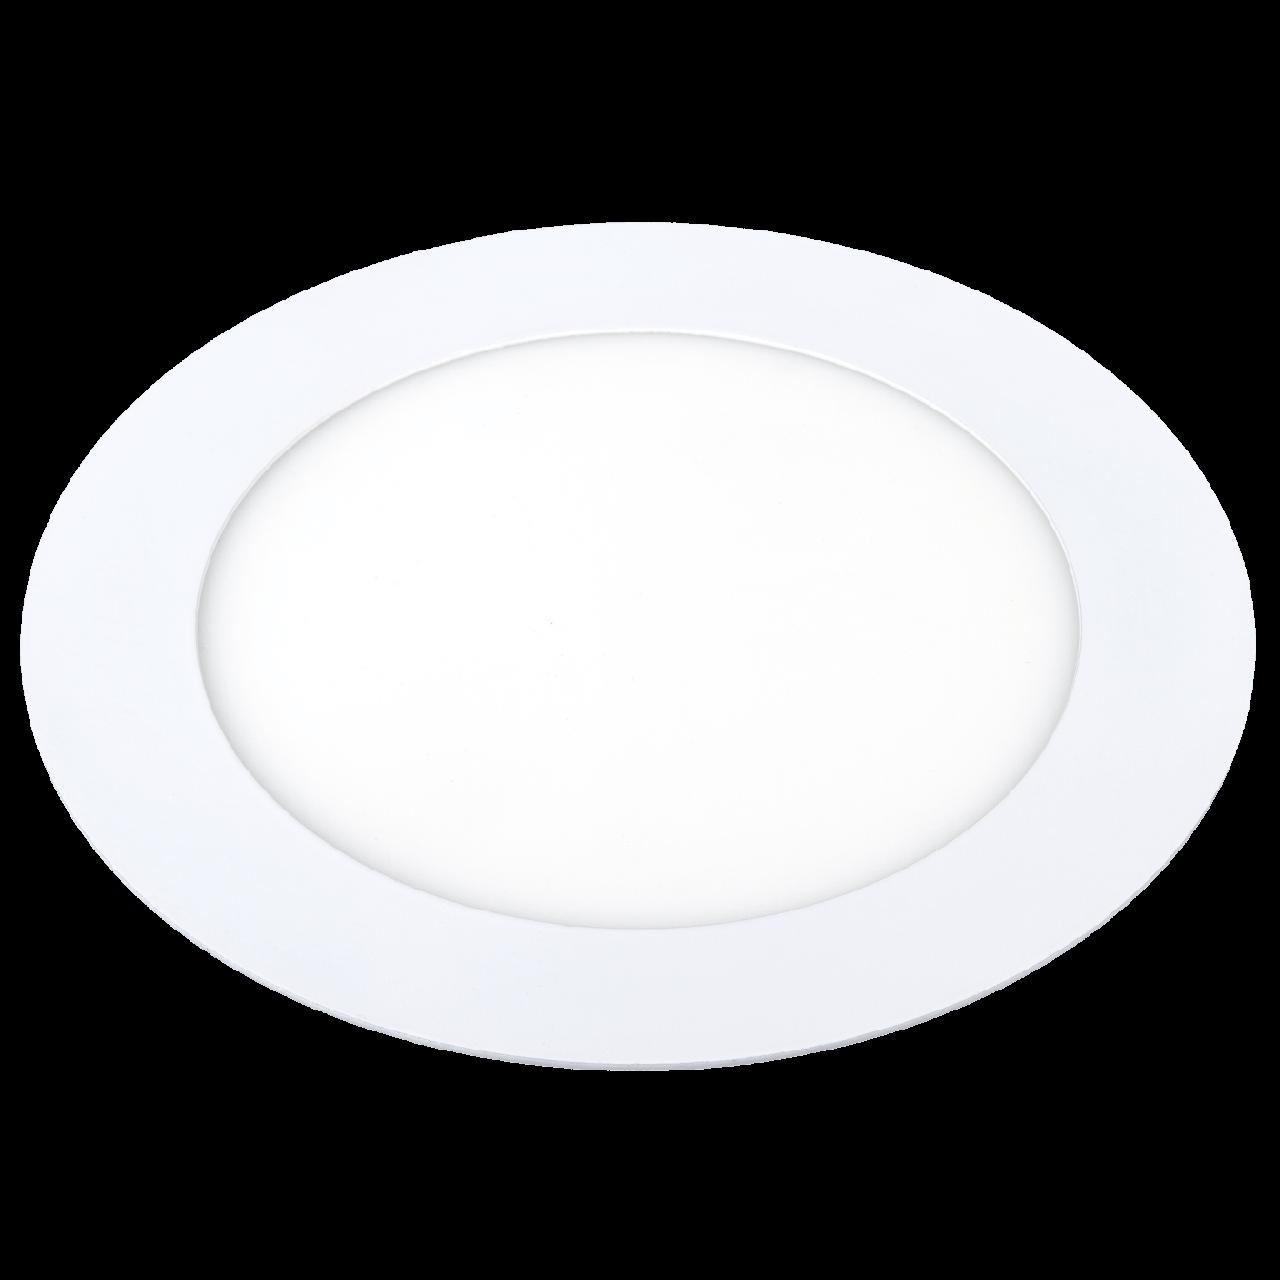 LED светильник Ilumia 9W 4000К нейтральный круг врезной (027)